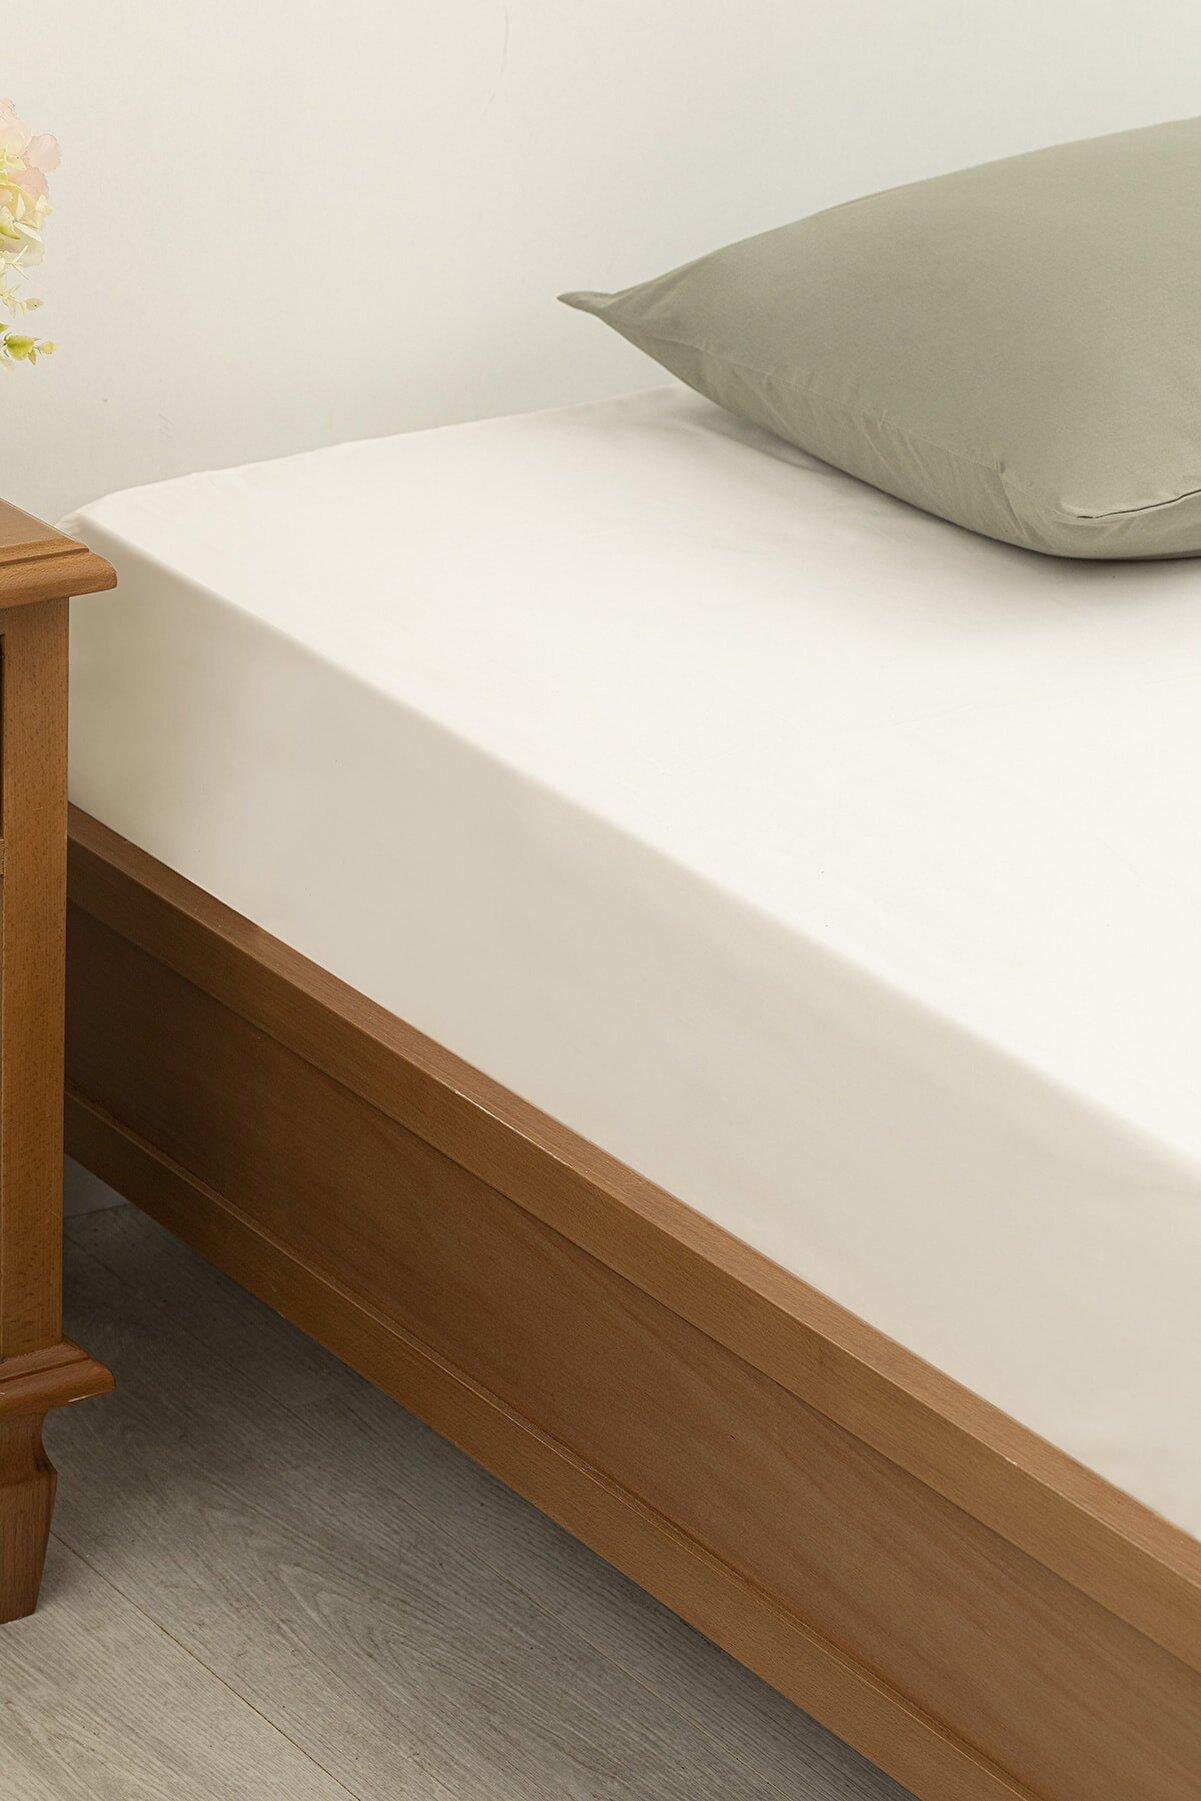 English Home Düz Pamuklu Çift Kişilik Lastikli Çarşaf 160x200 Cm Kırık Beyaz